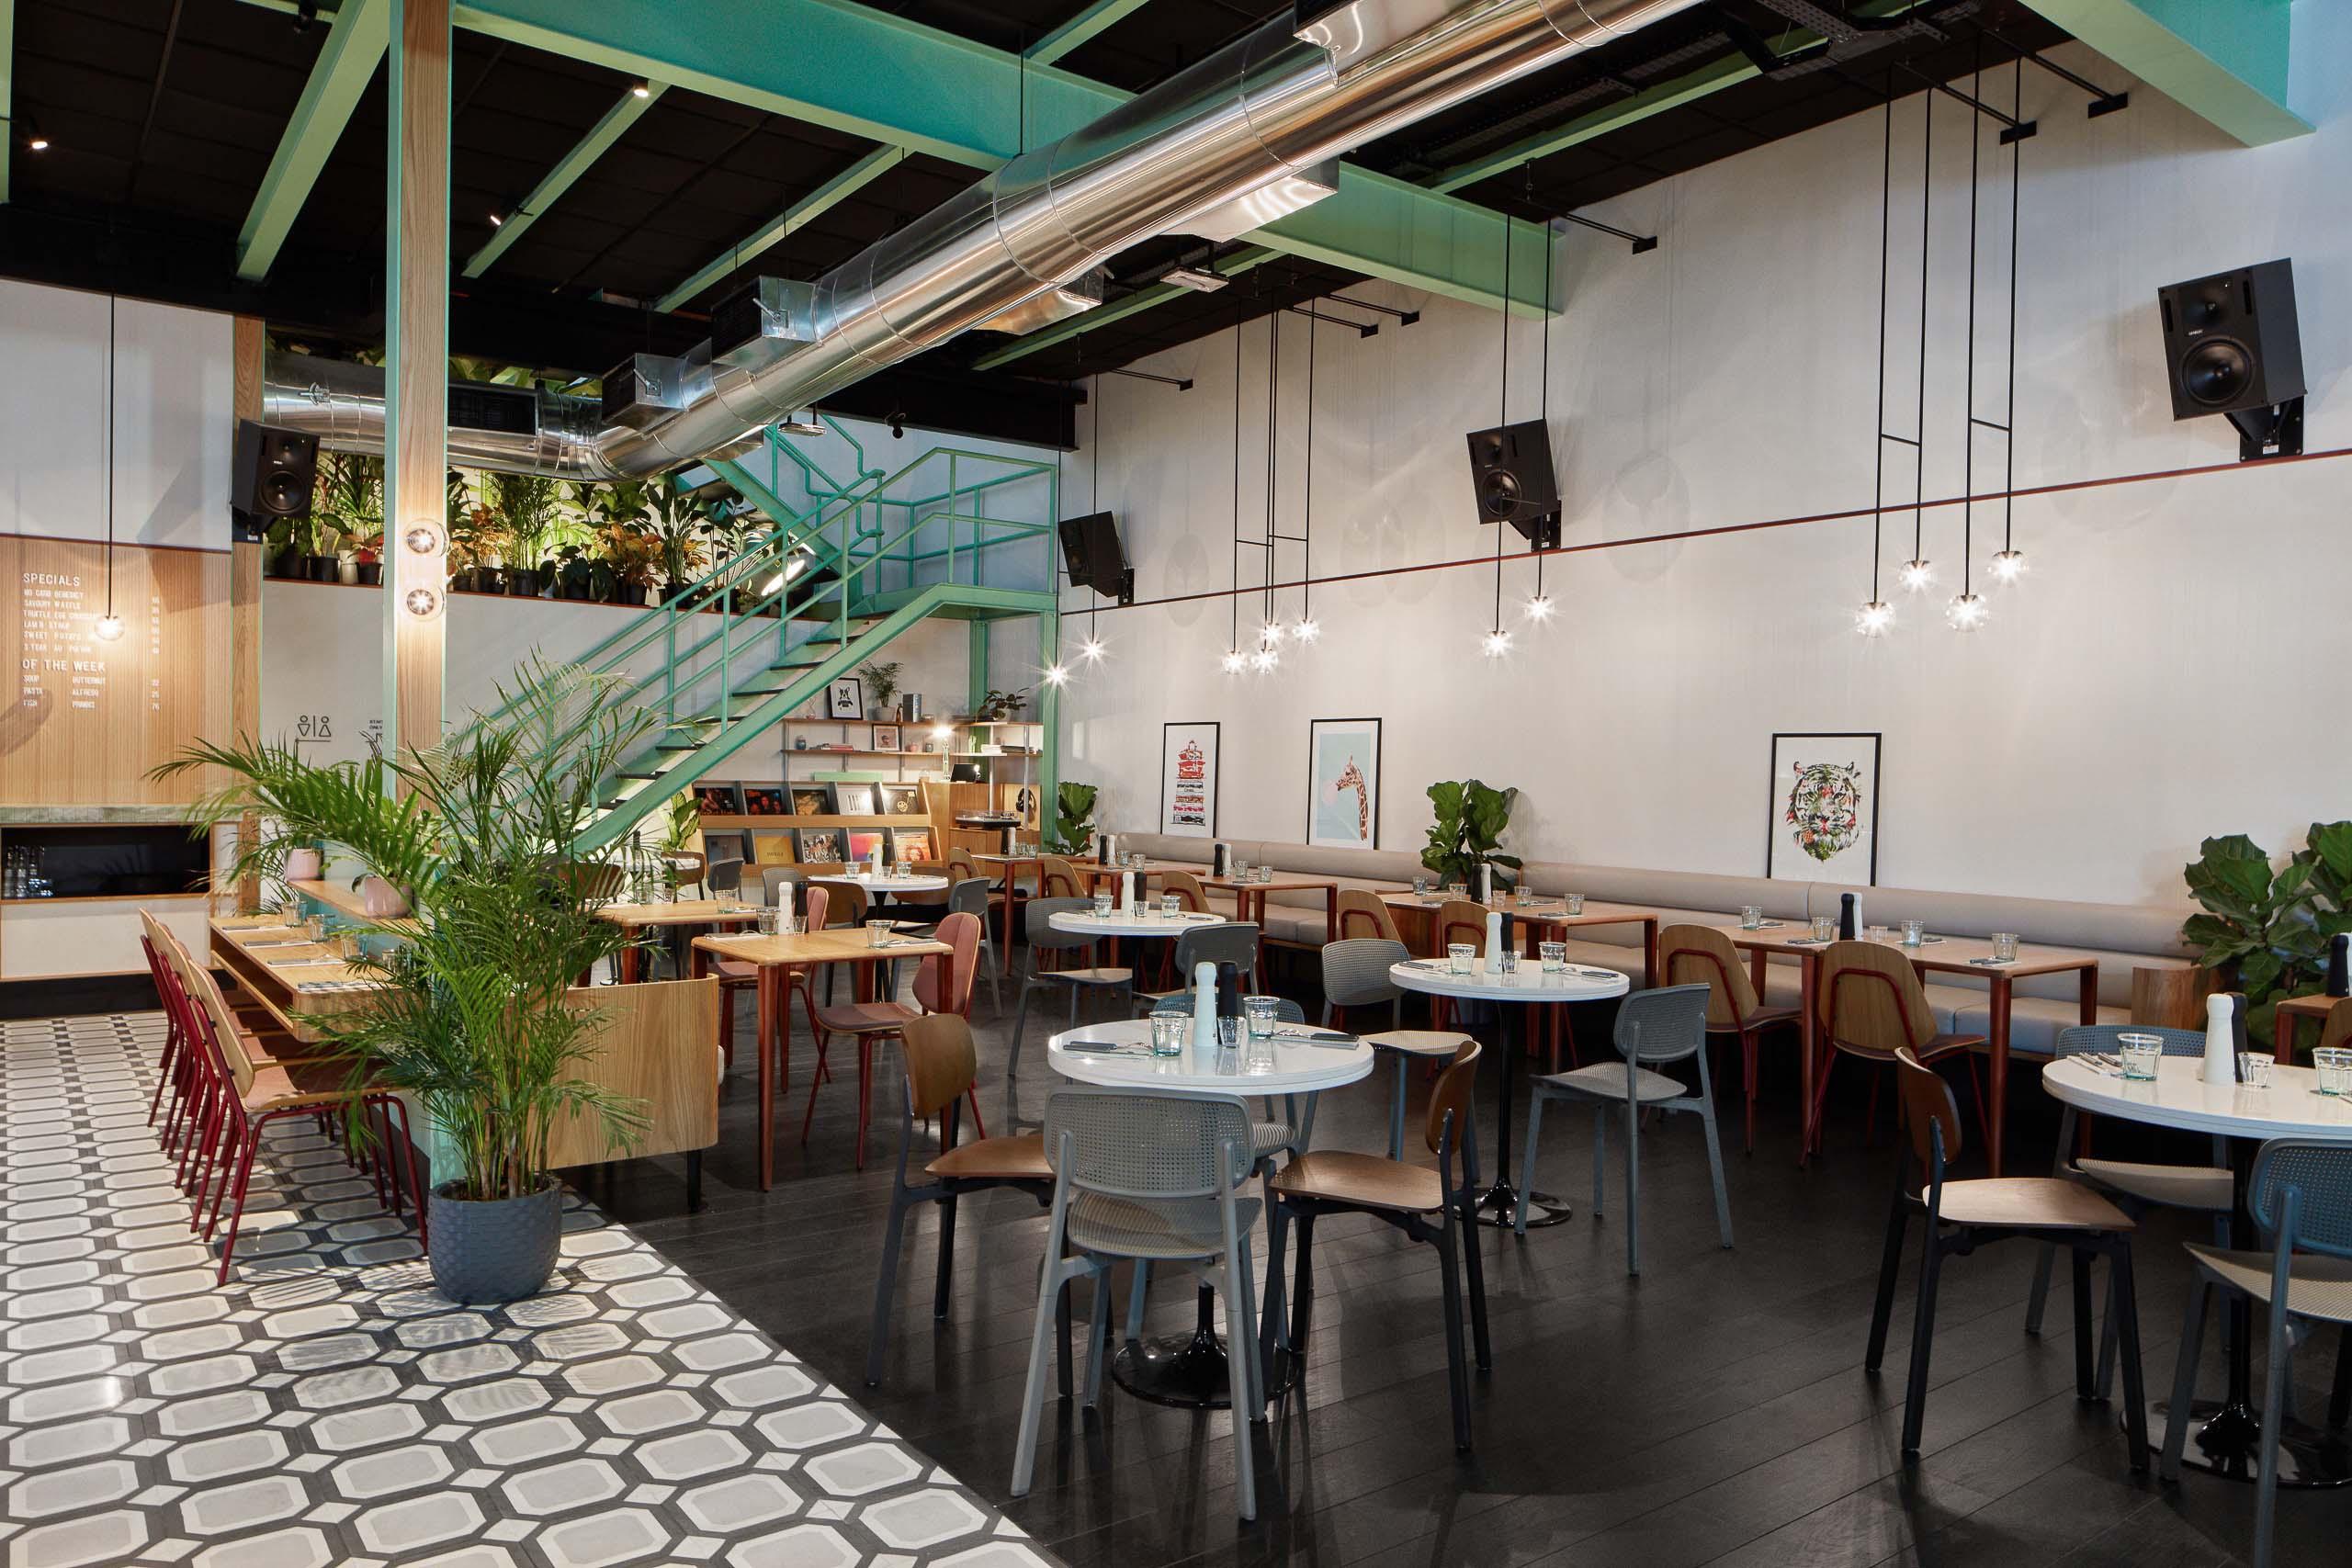 Cassette-Interior Design Company Dubai